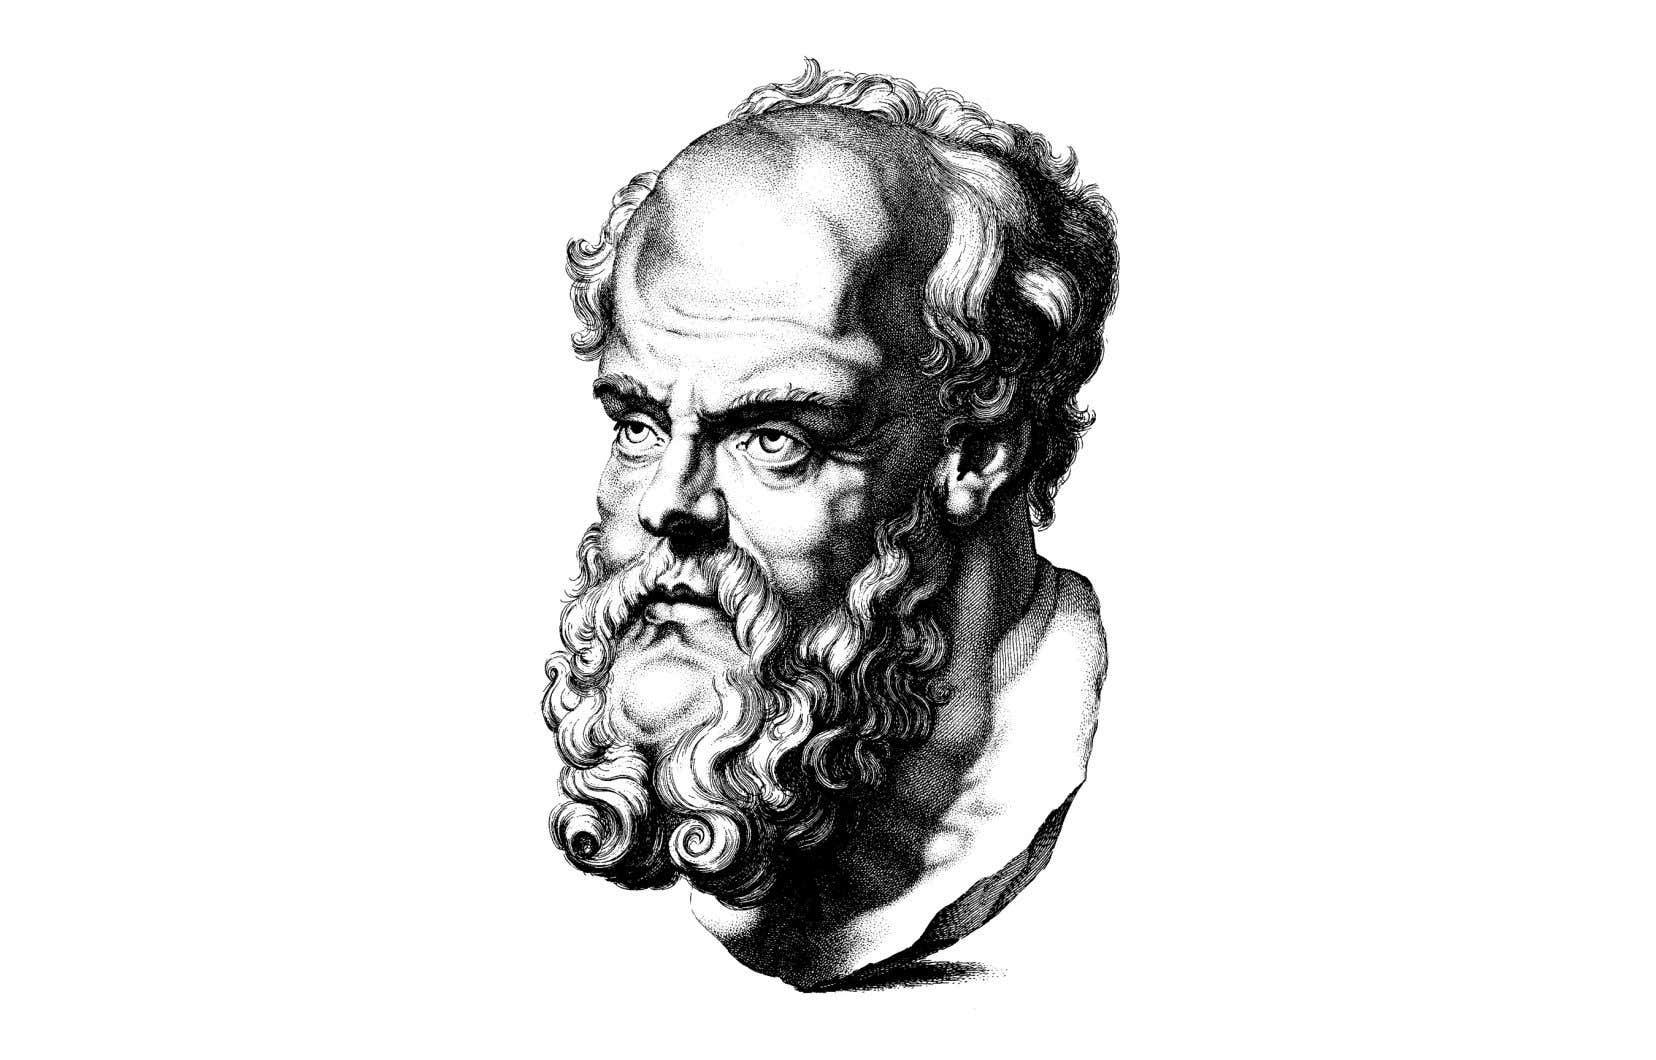 «Dès le début d'un dialogue sur un sujet litigieux, Socrate demande aux interlocuteurs d'ouvrir leur esprit aux idées différentes des leurs. Il exige de lui-même et des autres que personne ne prétende savoir d'avance la conclusion de la discussion à venir», écrit l'auteur.